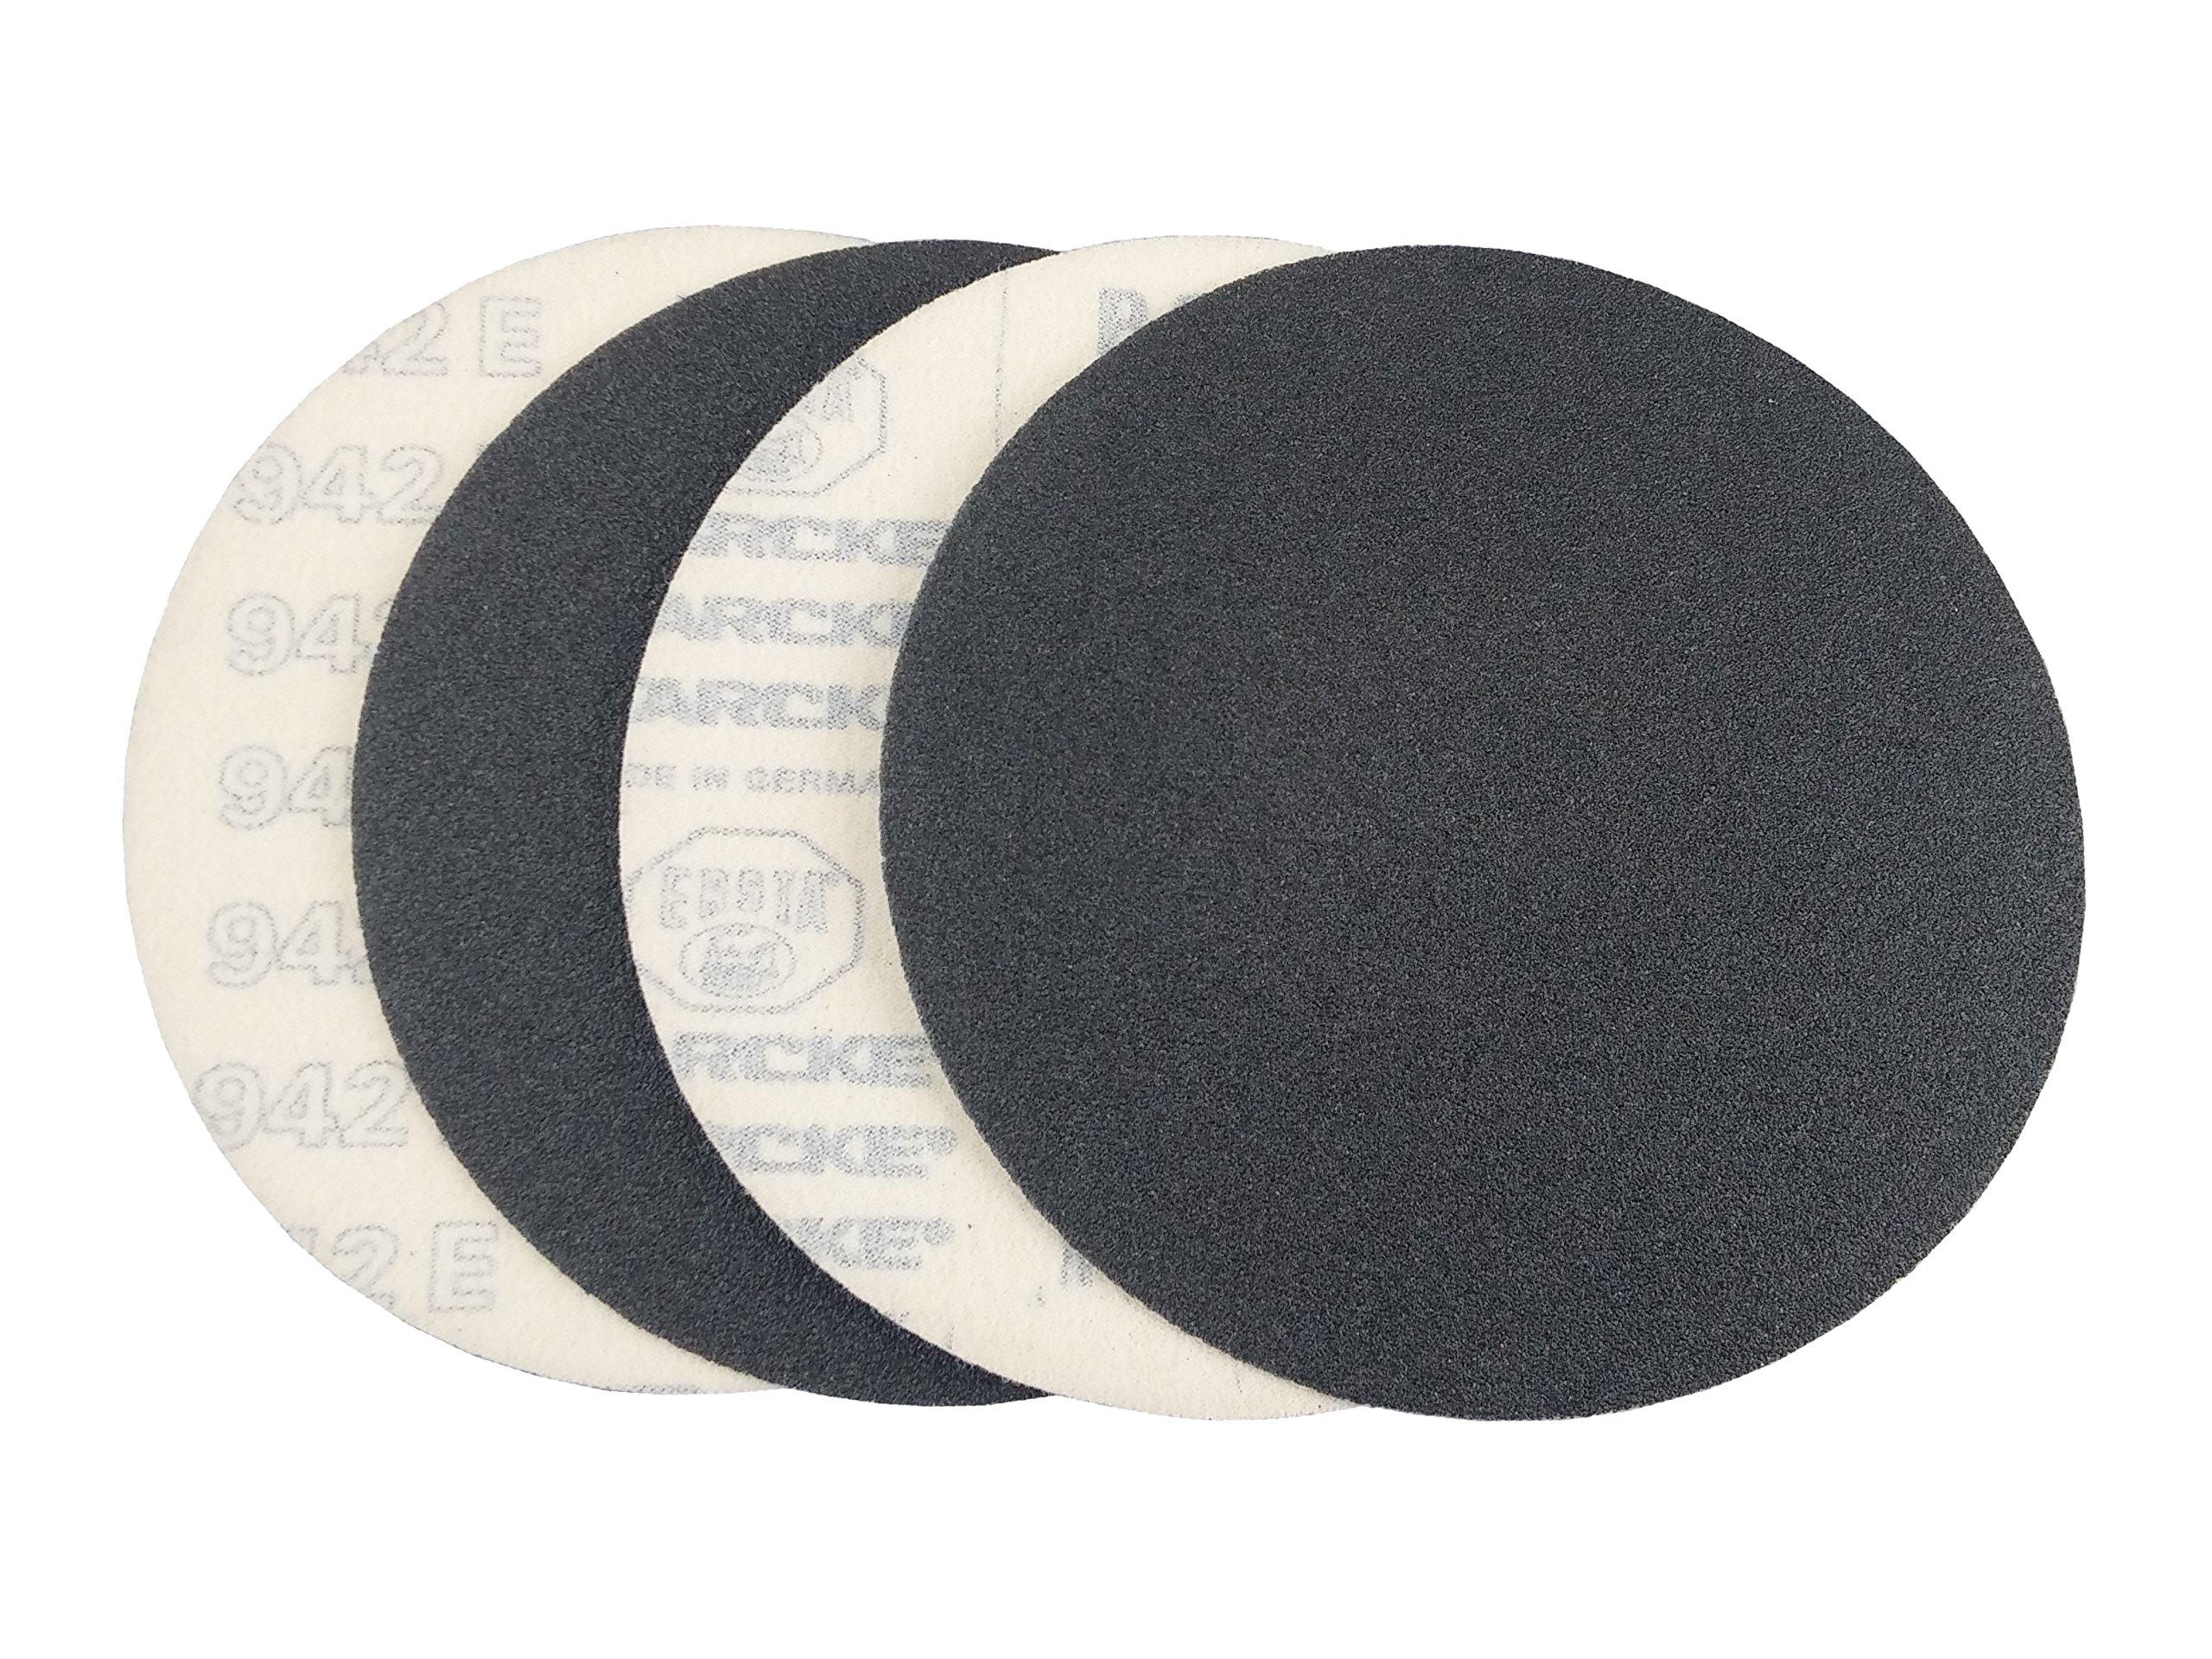 9'' Black Heavy Duty Hook and Loop Grip Sanding Discs (25 Pack, 24 Grit)